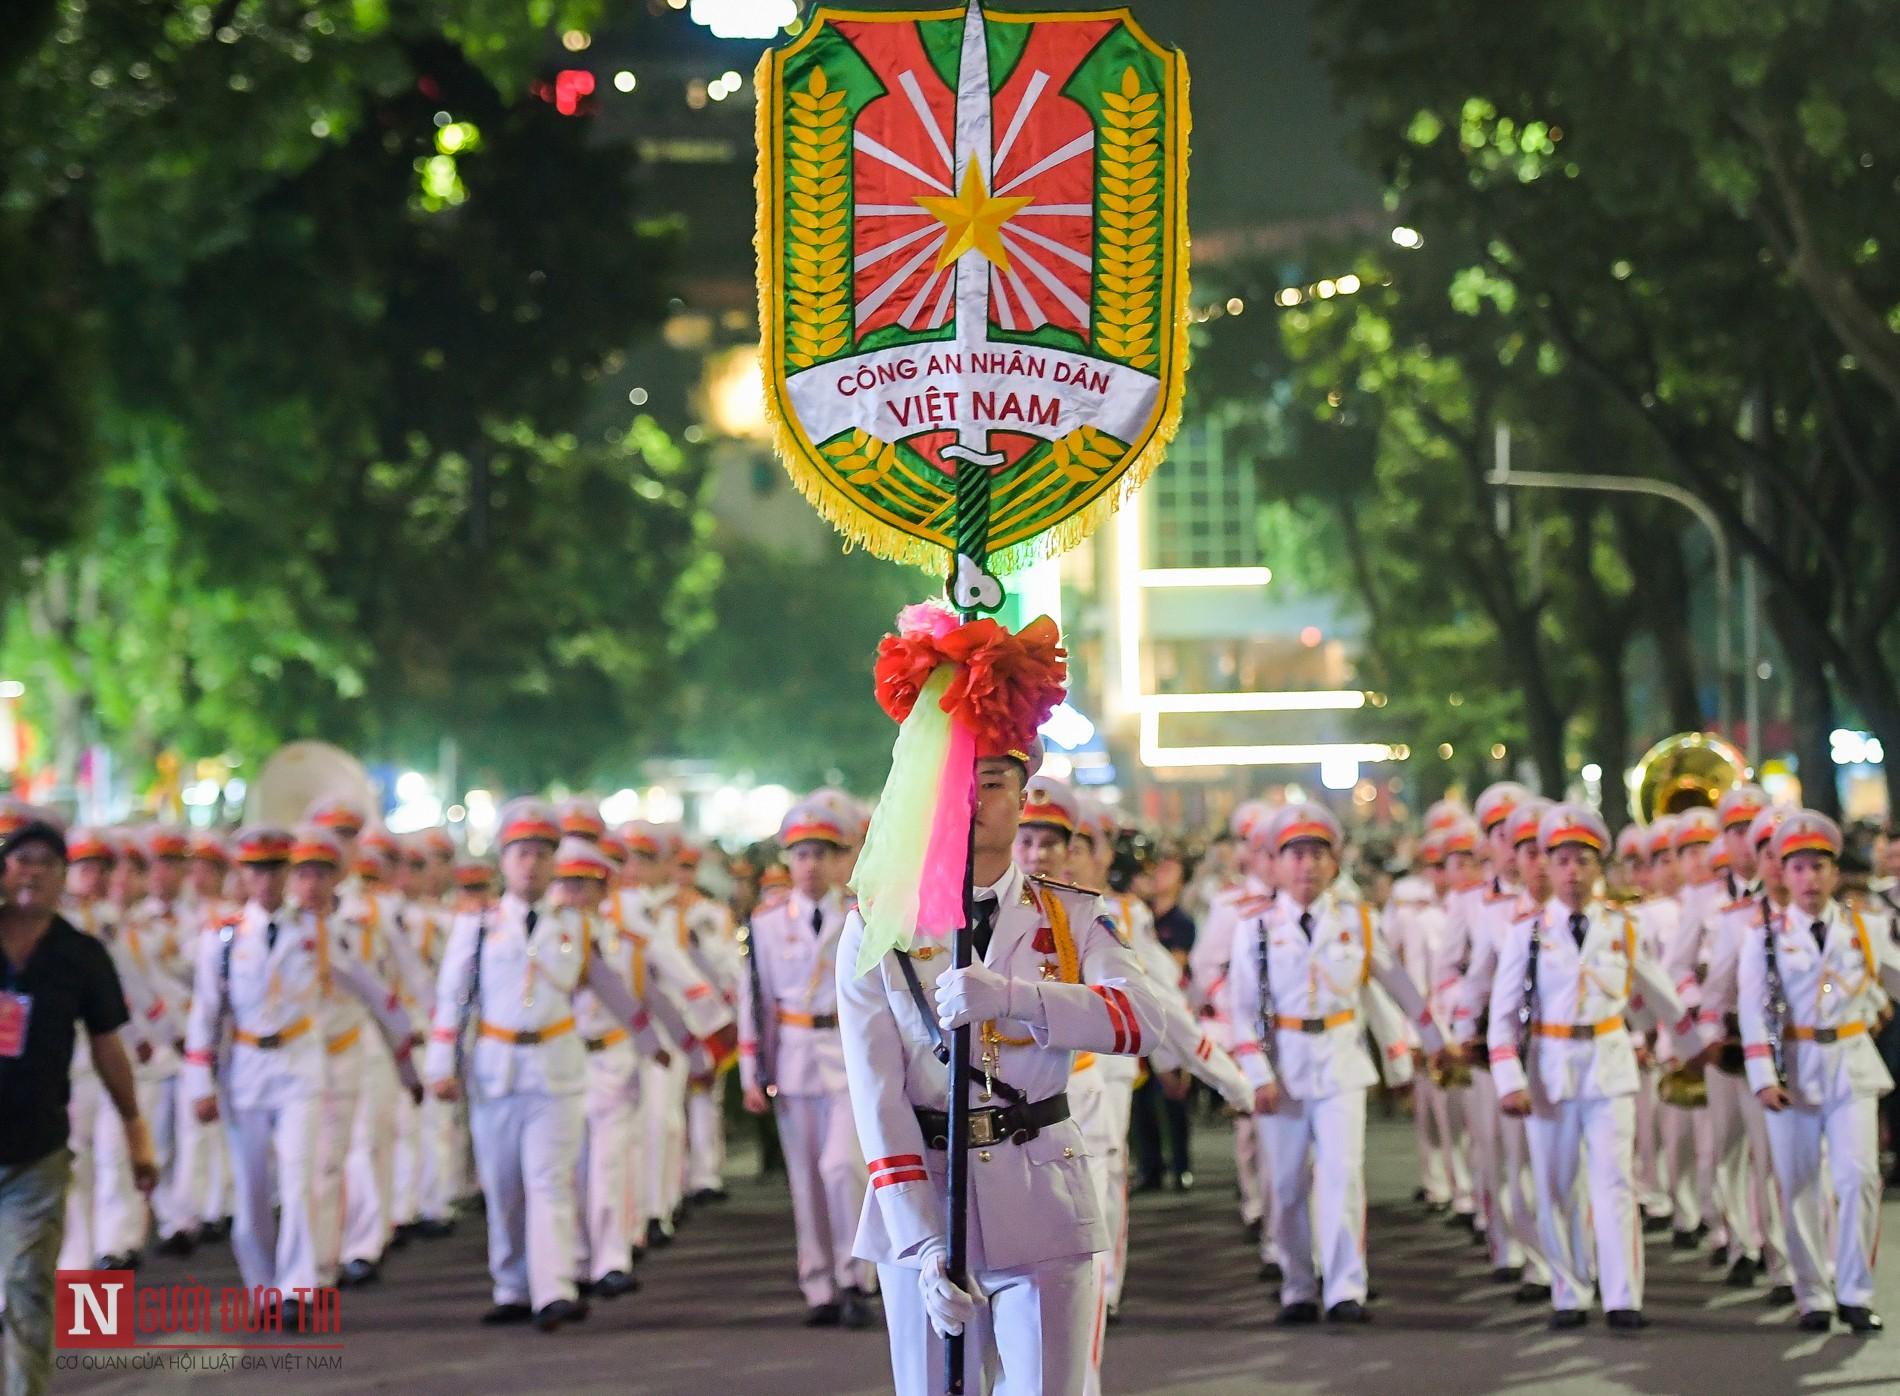 Đoàn nghi lễ Công an Nhân dân lần đầu tiên diểu diễn tại phố đi bộ hồ Hoàn Kiếm 18